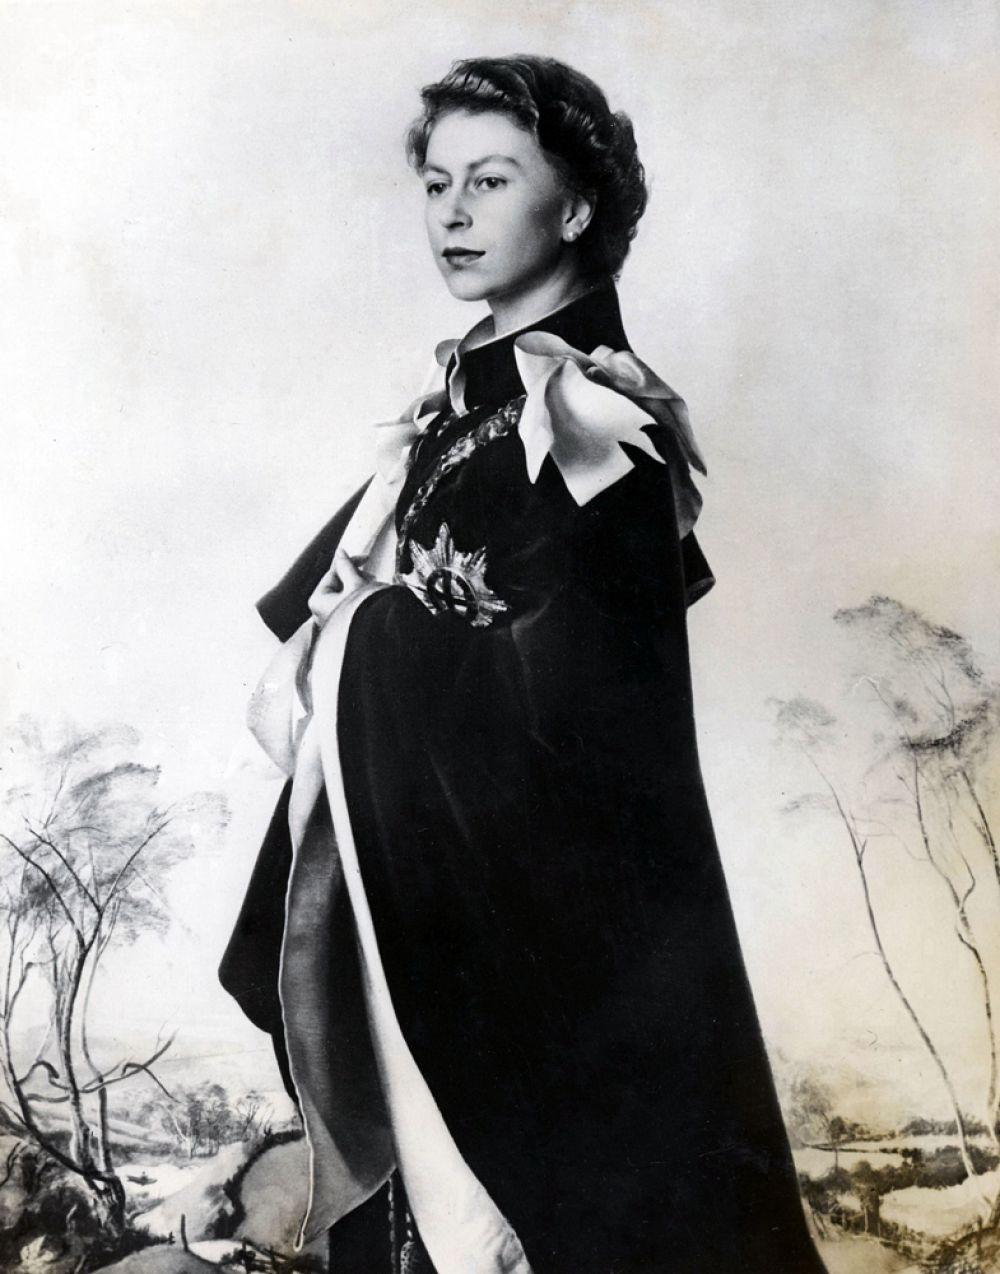 Готовясь к политической жизни, будущая королева стала посещать занятия по конституционной истории в Итонском колледже.